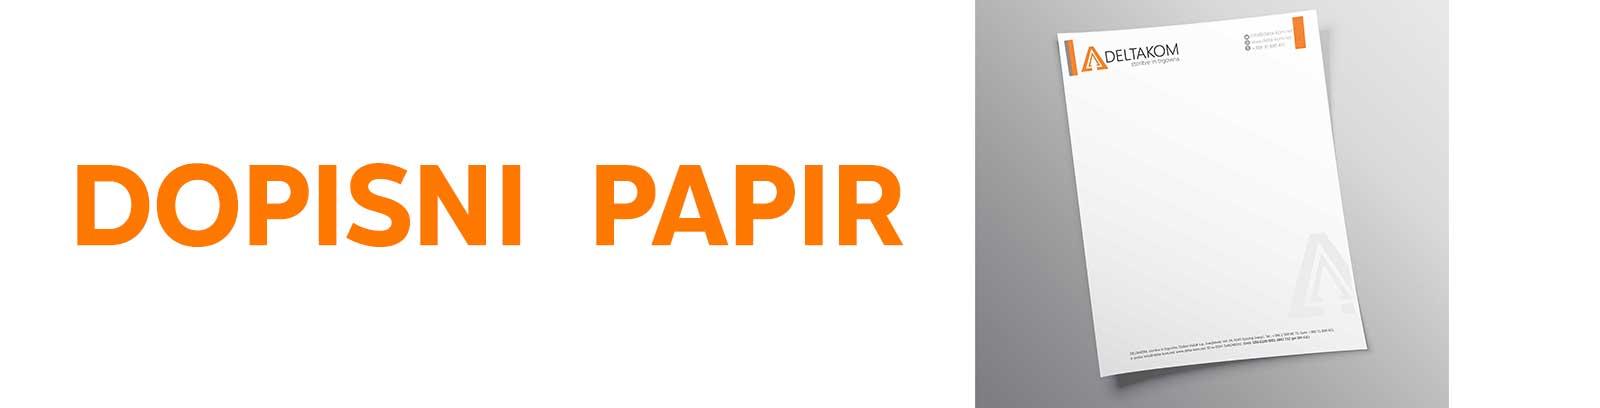 DOPISNI_PAPIR